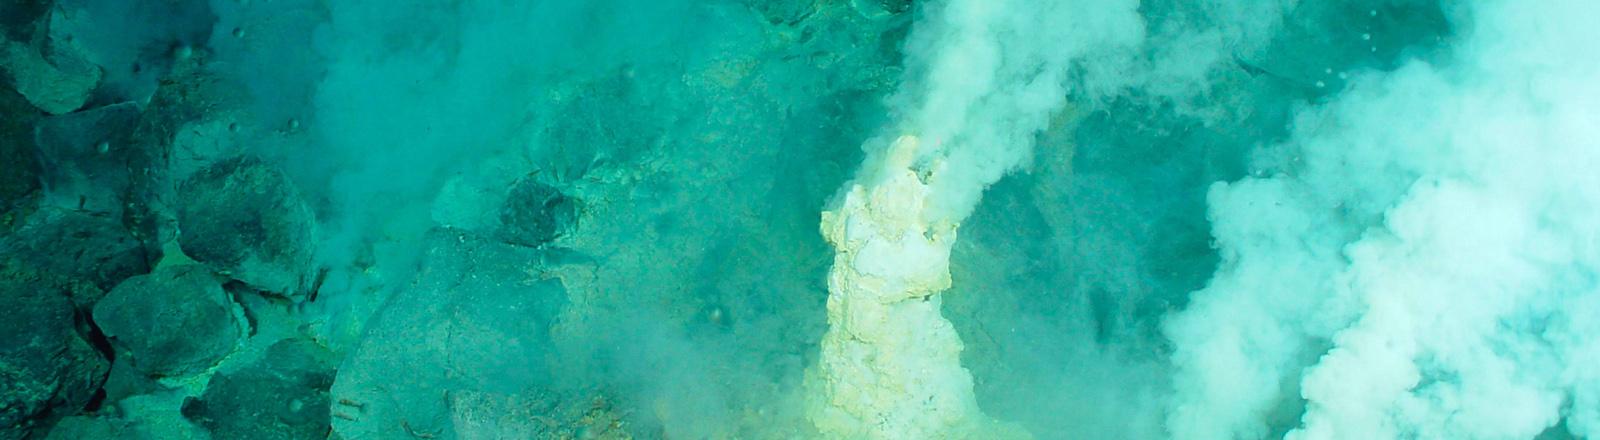 Der Unterwasservulkan Eifuku